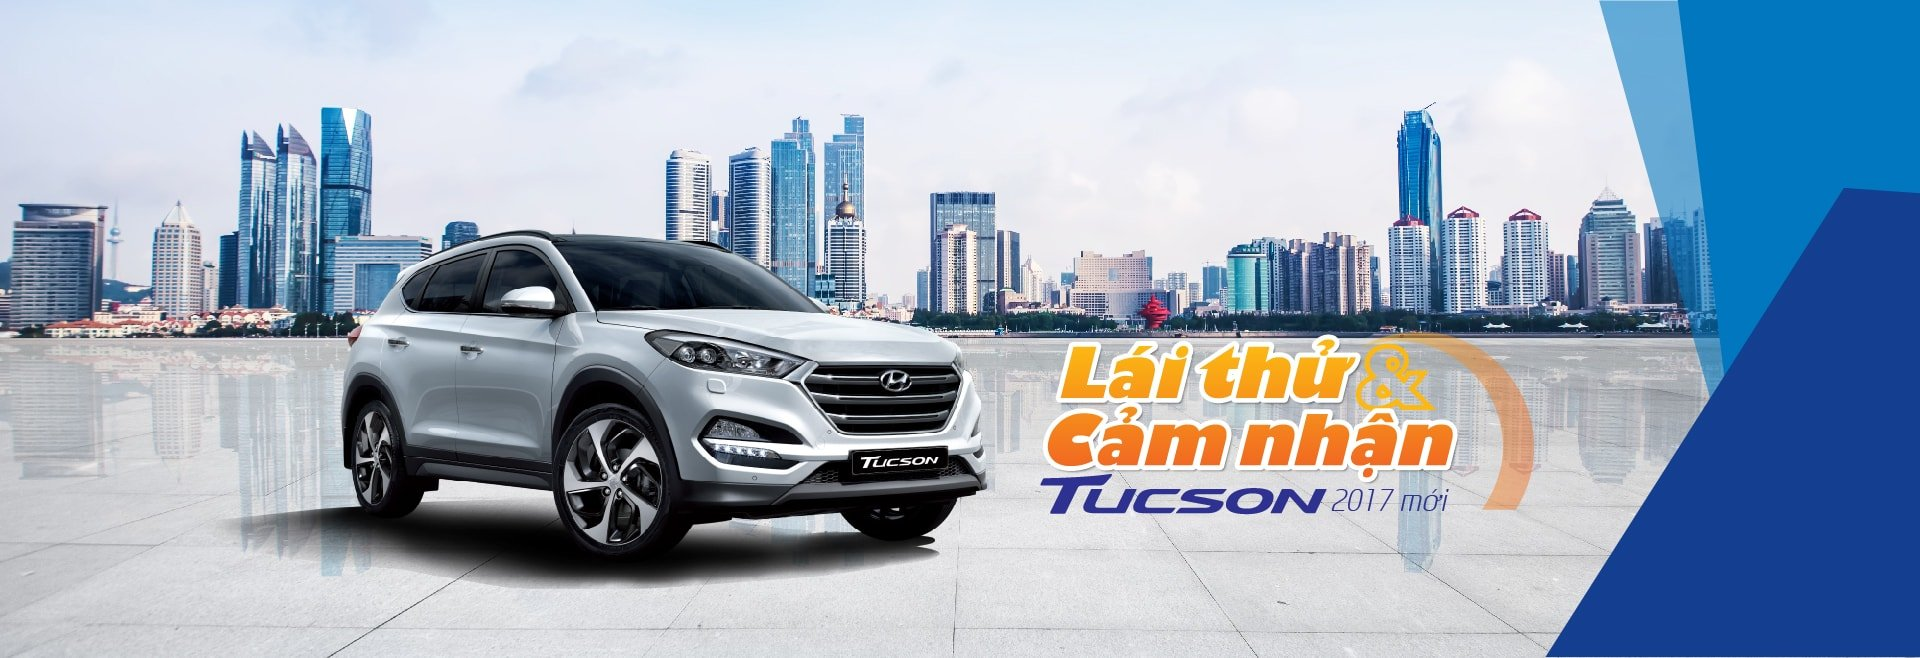 Hyundai Gia Lai